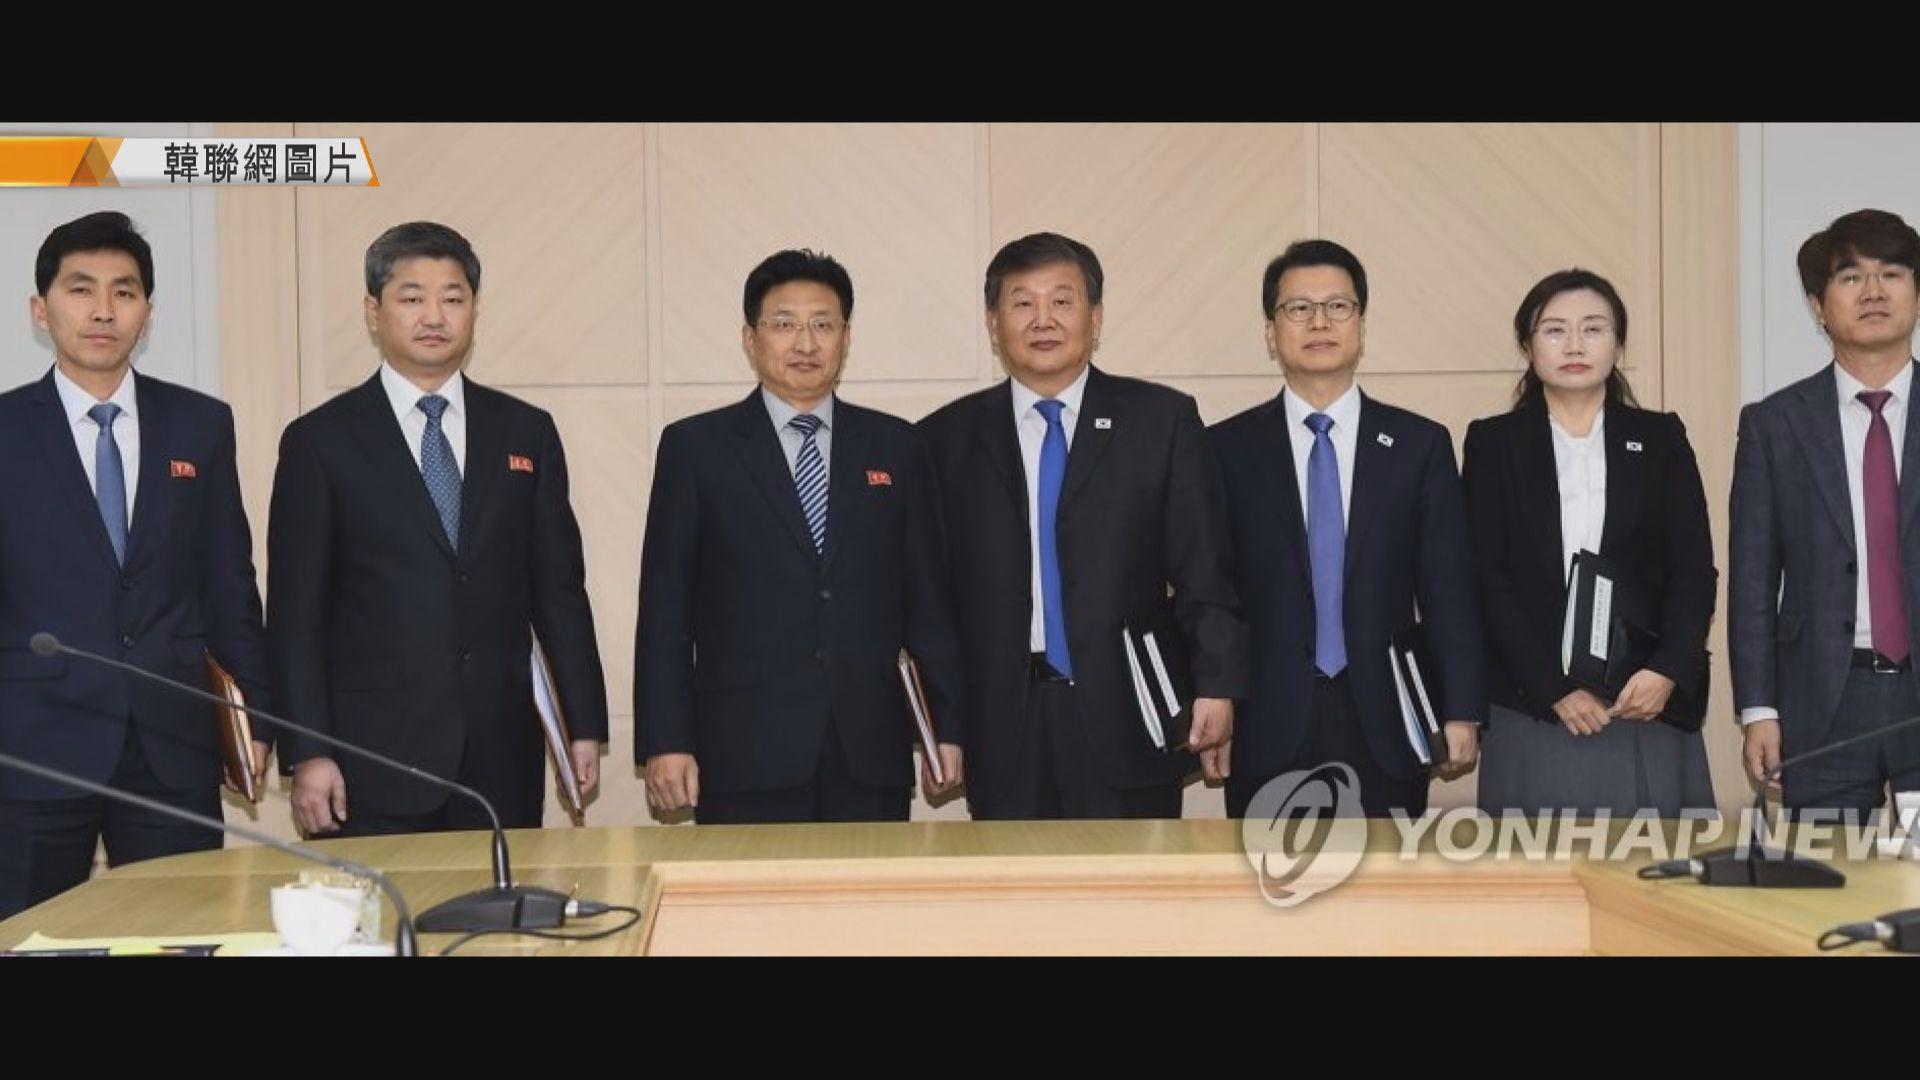 兩韓將與國際奧委會磋商合辦奧運